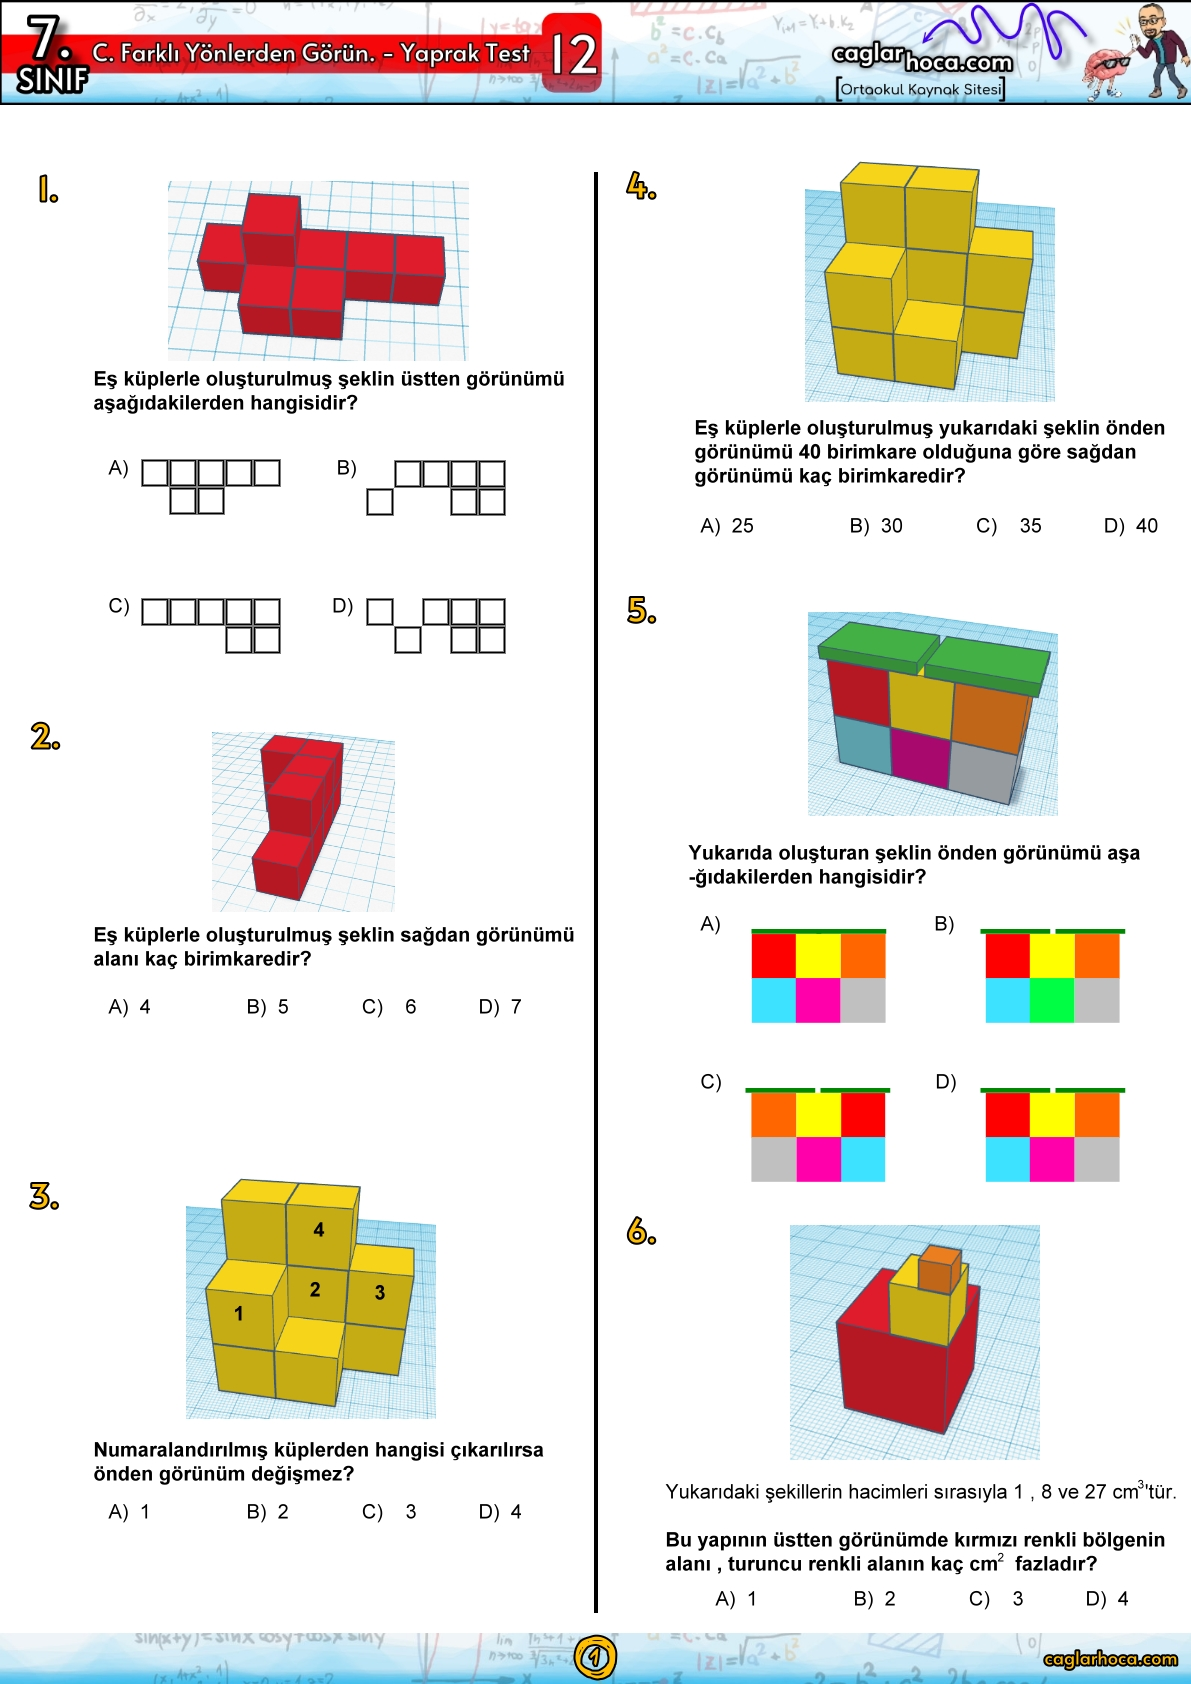 7.Sınıf 12.Ünite Cisimlerin Farklı Yönlerden Görüntüsü Yaprak Test